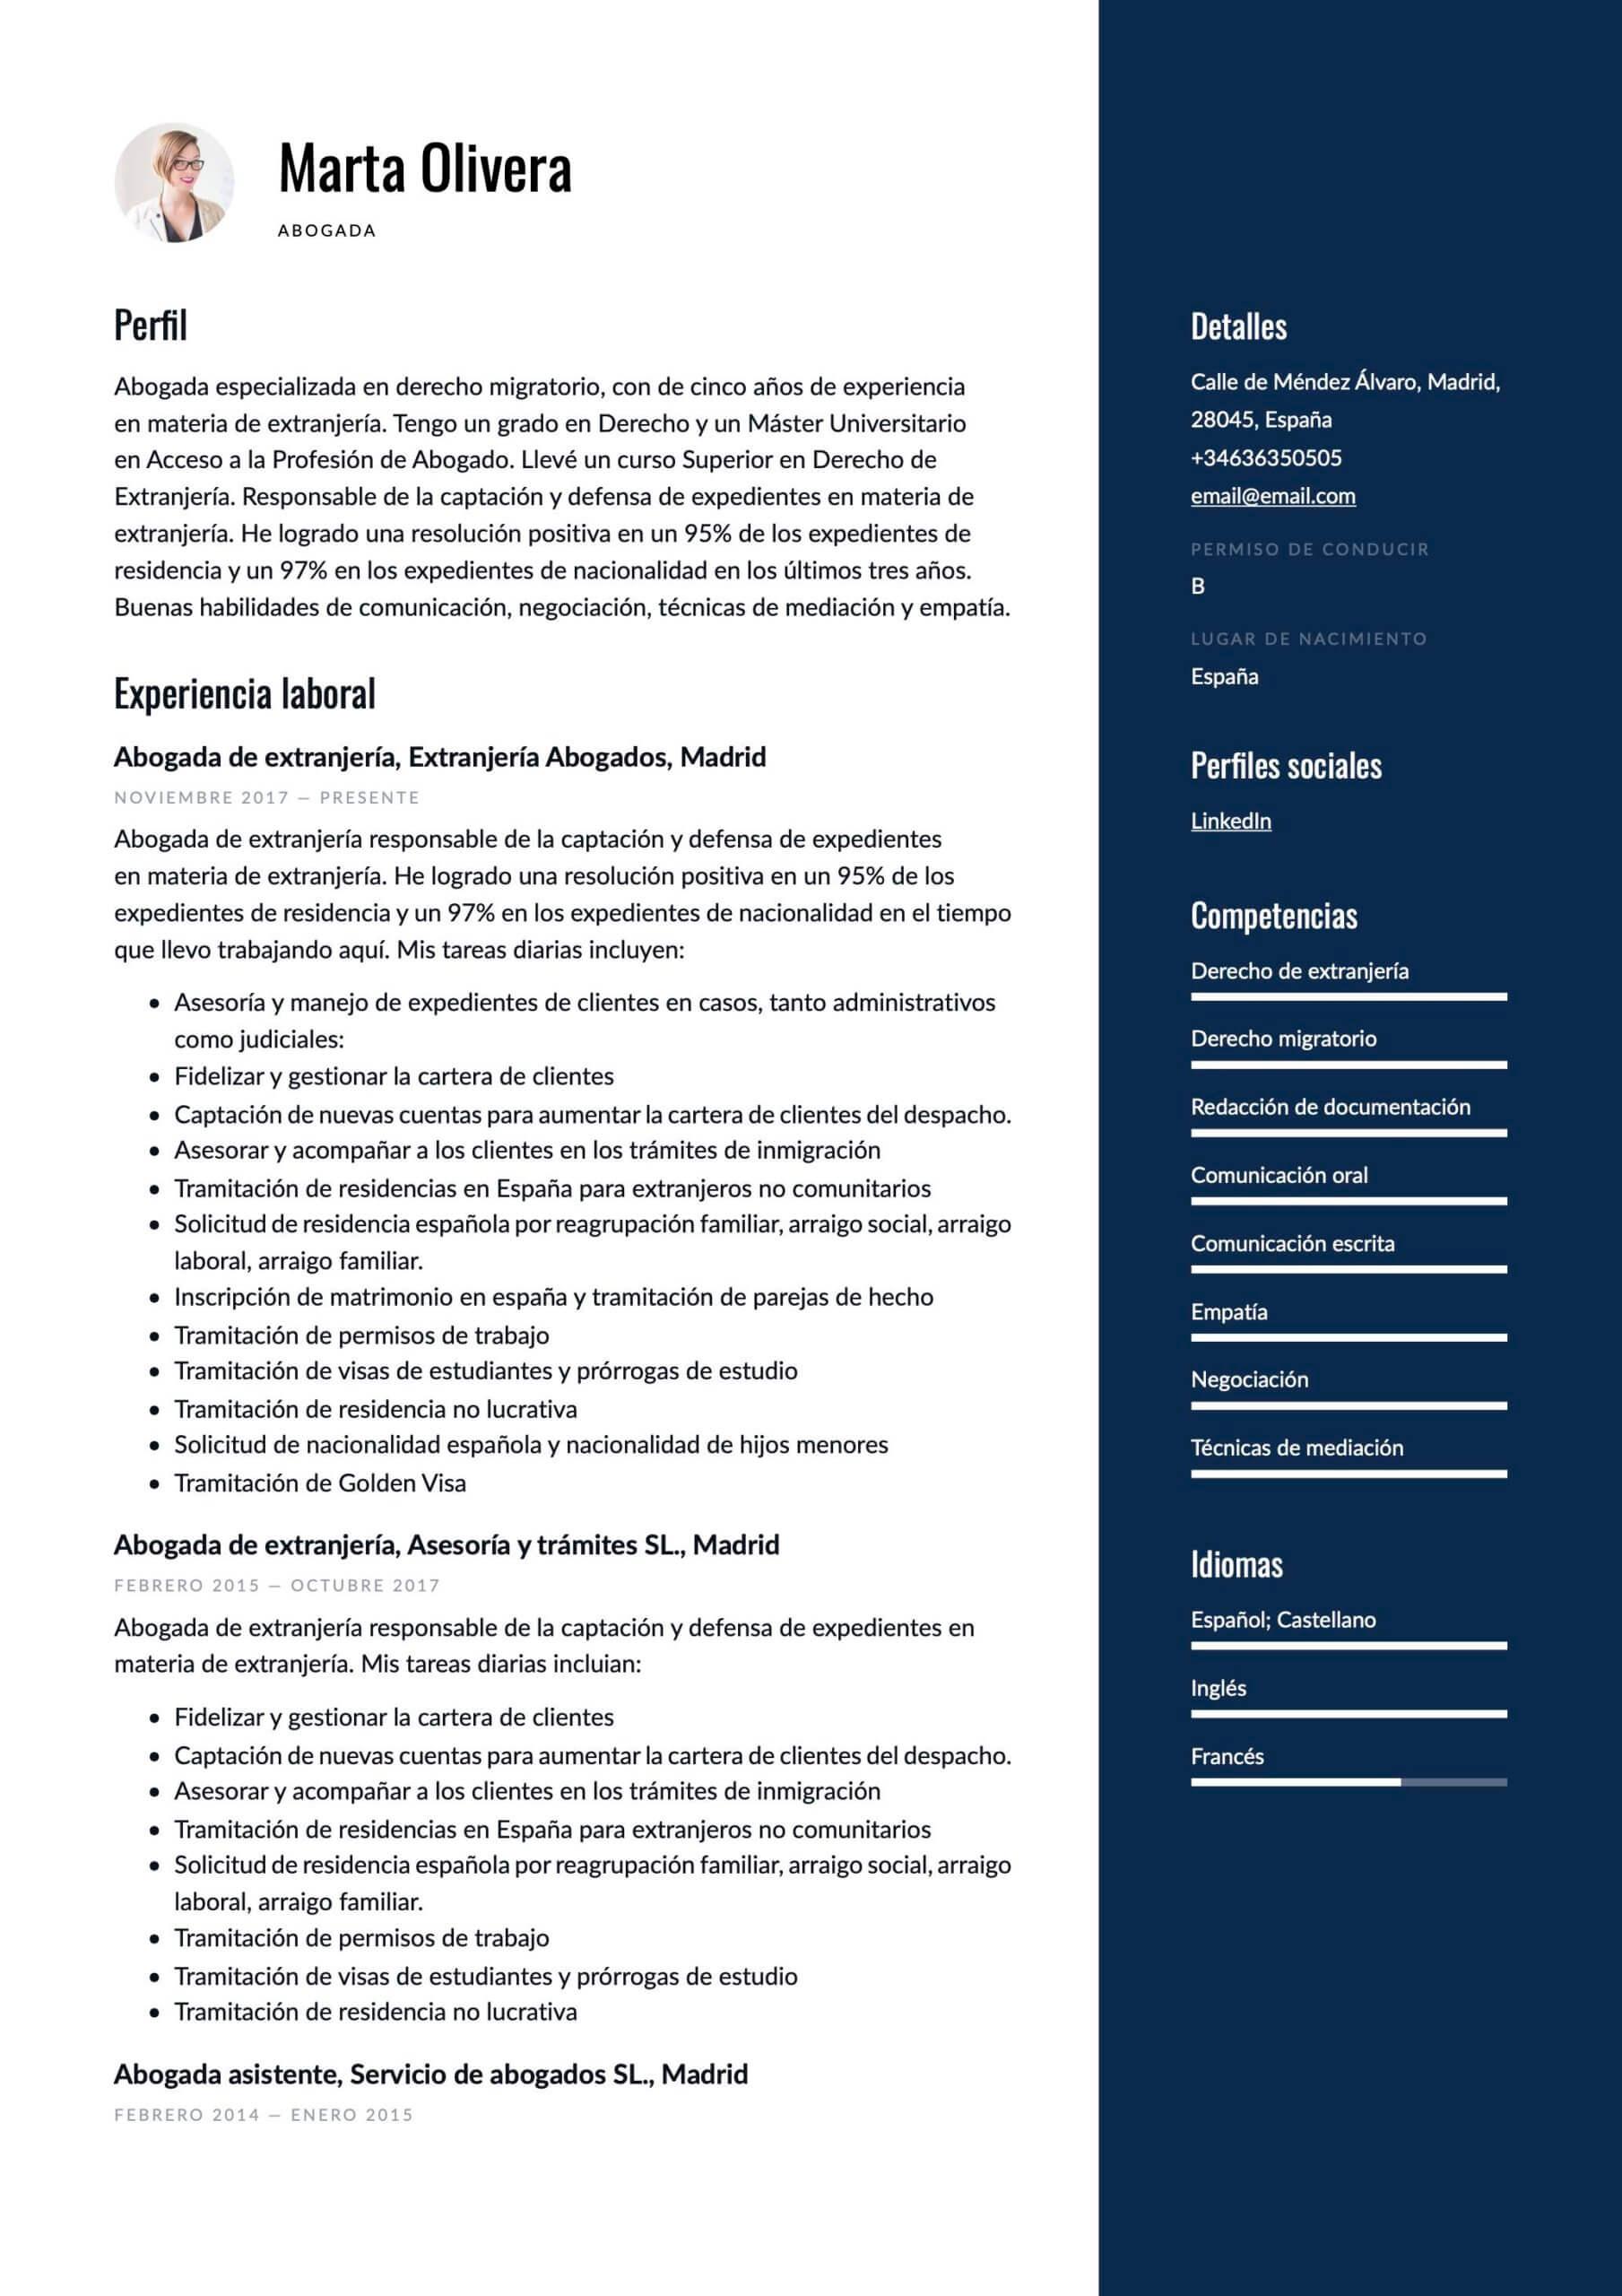 Modelo de CV para Abogado